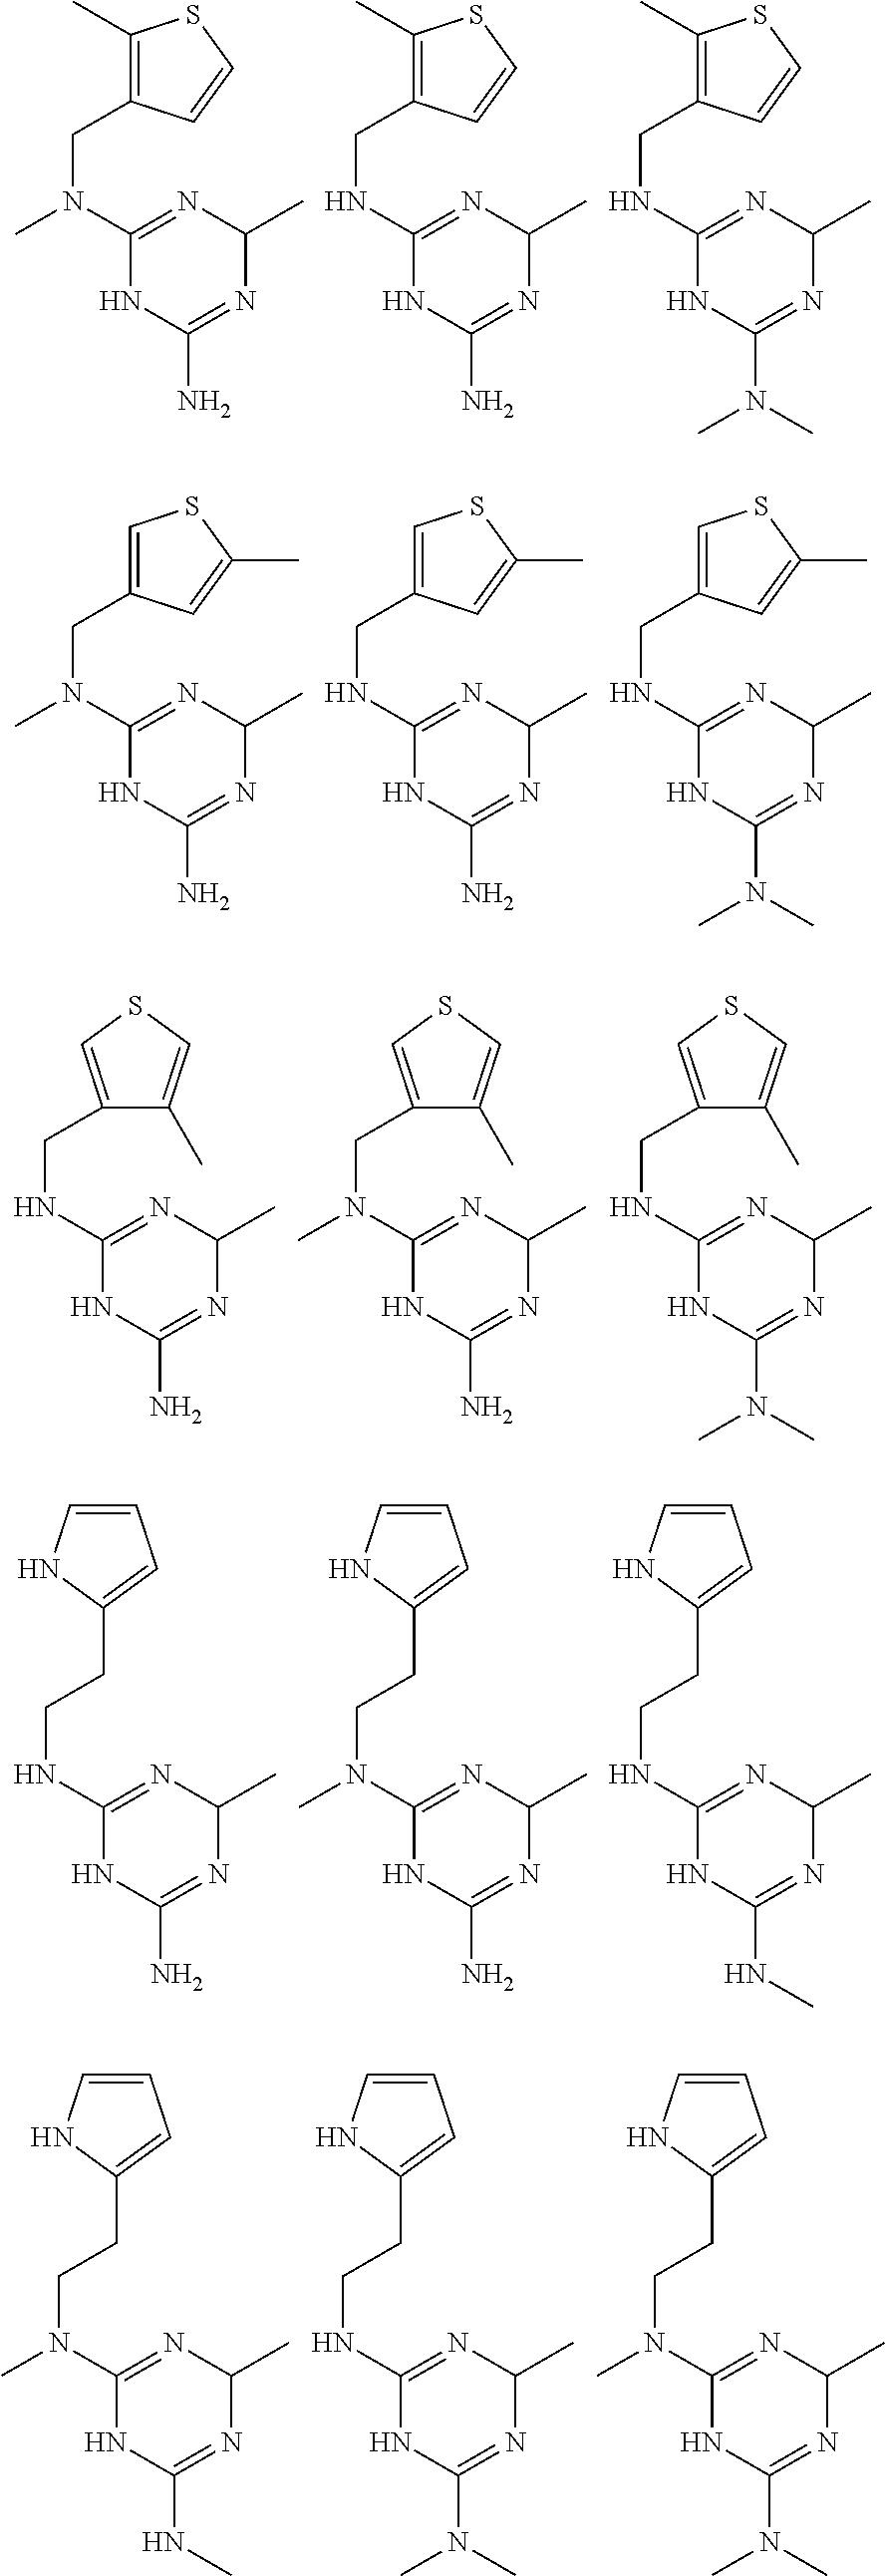 Figure US09480663-20161101-C00198